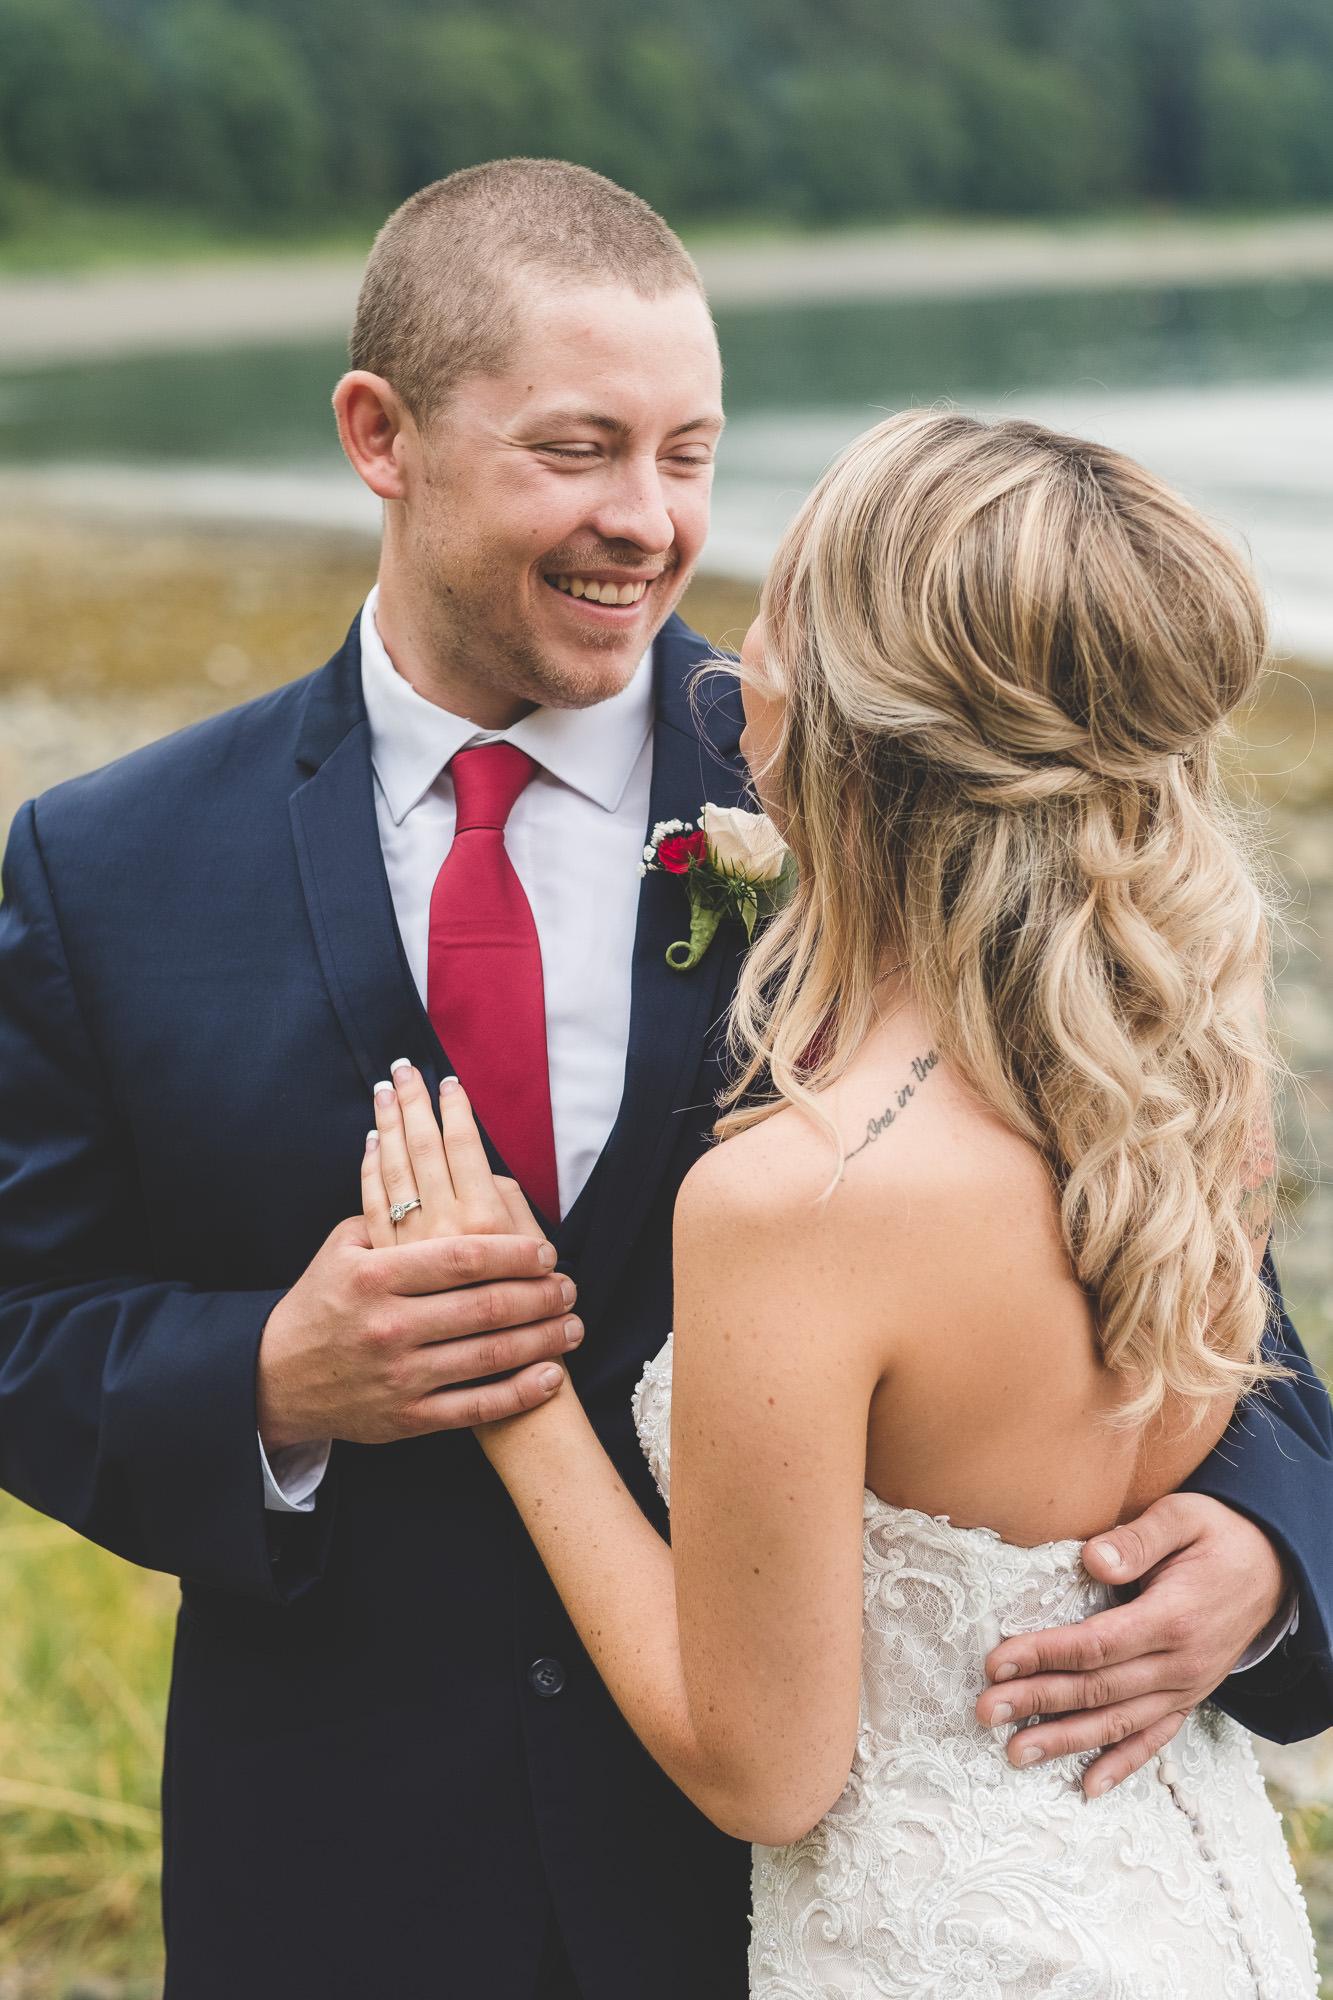 groom-in-blue-suit-red-tie-smiling-at-bride